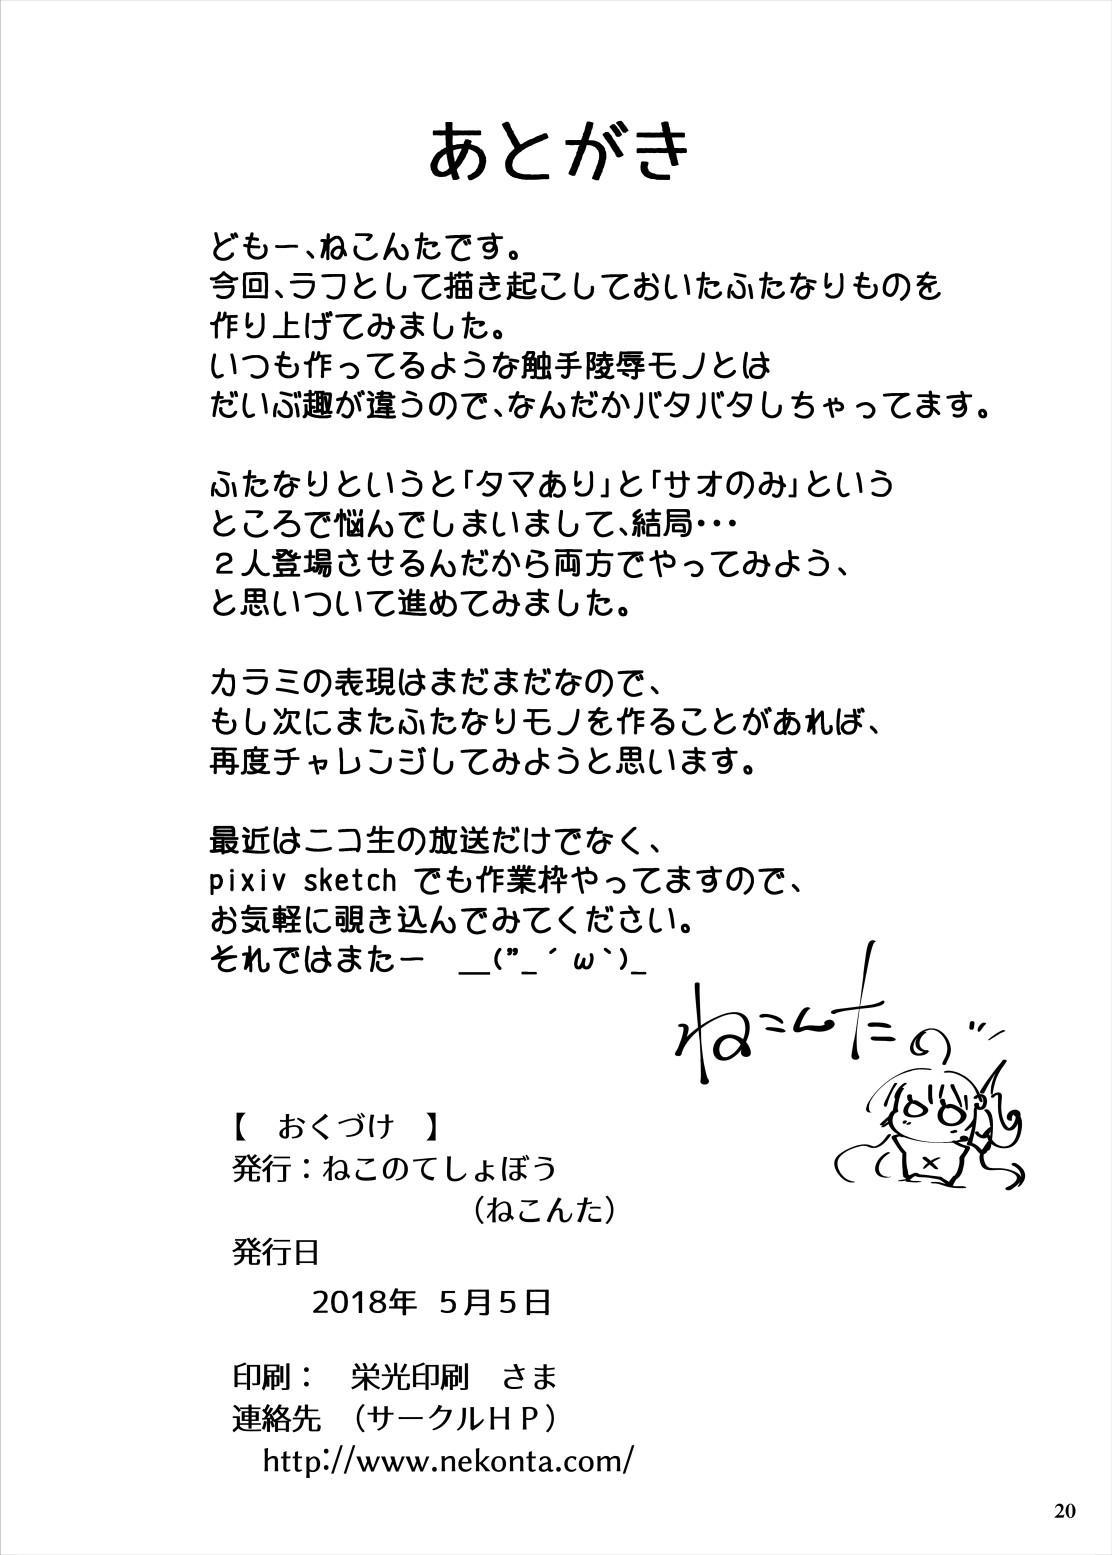 Futa X Futa-Oni no Adauchi | Futa Oni's revenge on Futa 18